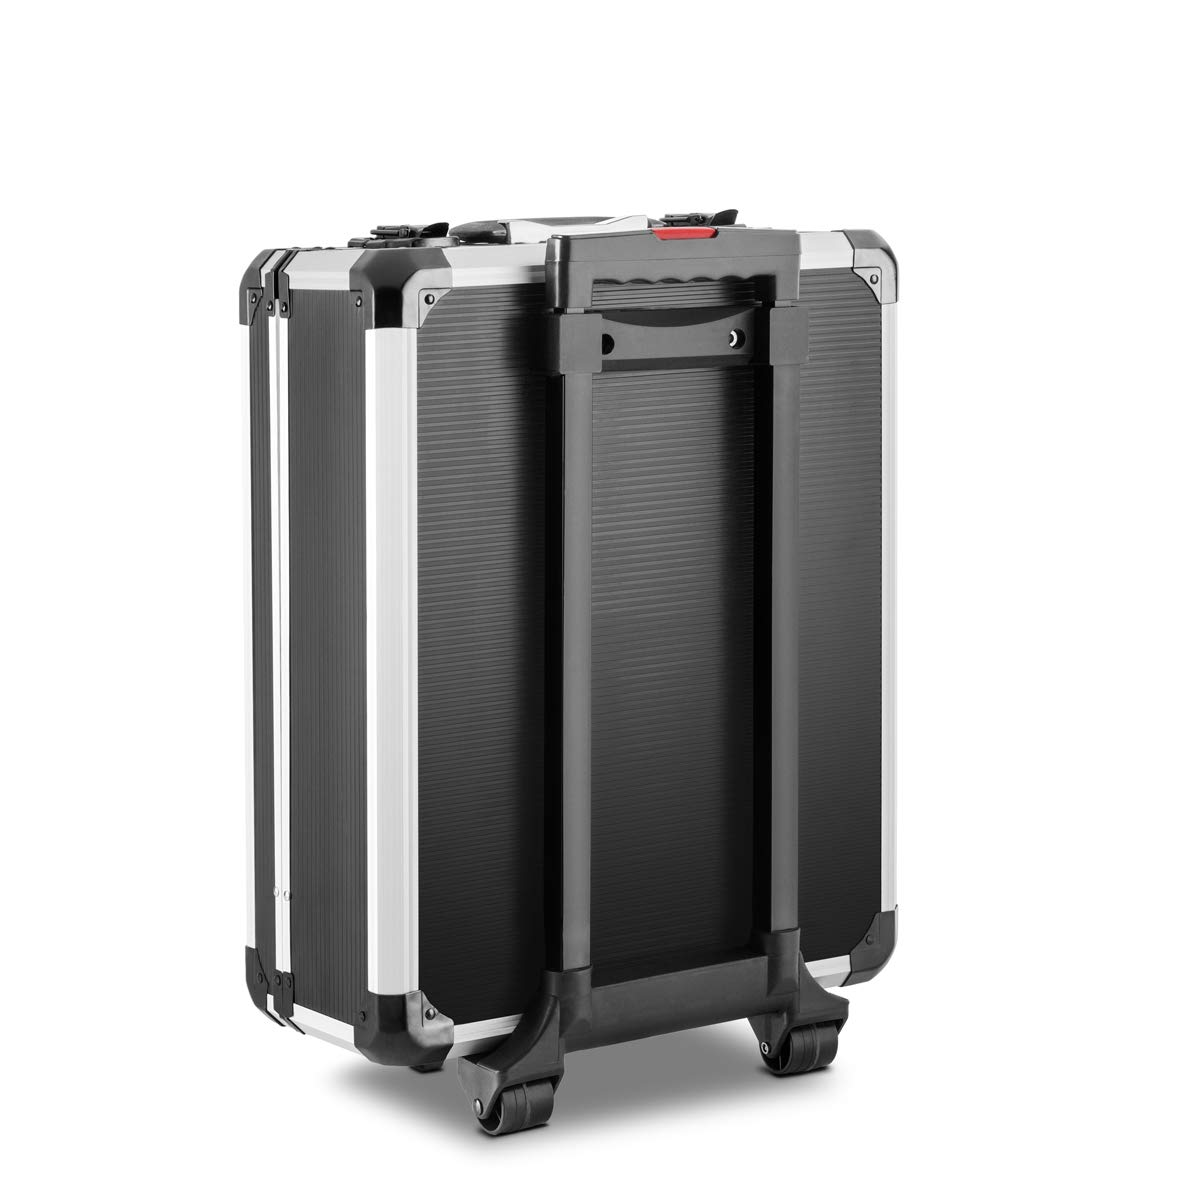 trolley con asa telesc/ópica malet/ín de aluminio con ruedas 819 piezas Greencut TOOLS-819 herramientas de acero cromo vanadio Set de herramientas